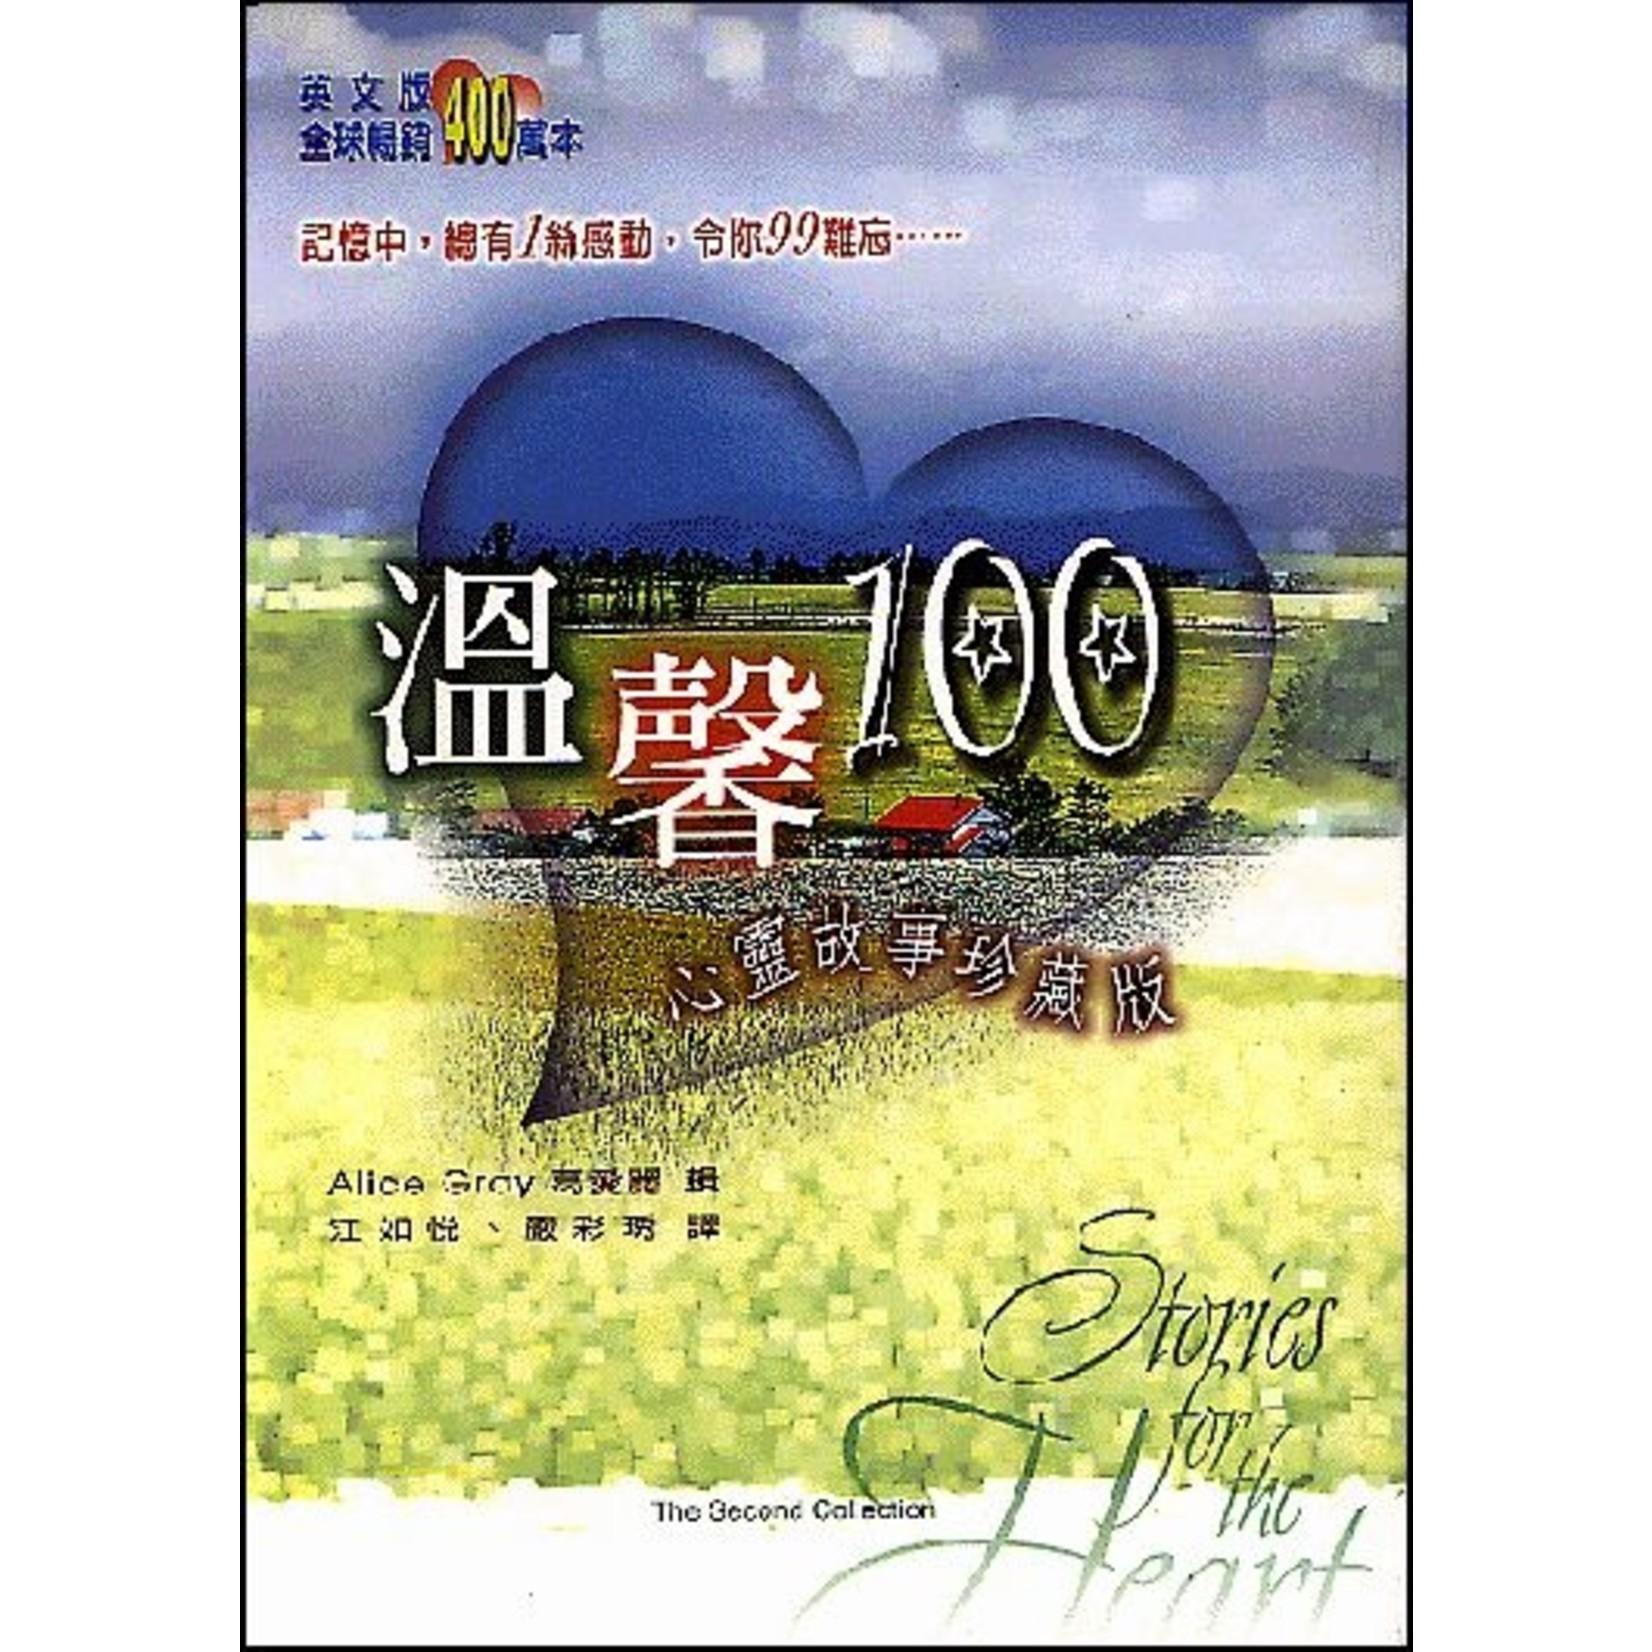 台福傳播中心 Evangelical Formosan Church Communication Center 溫馨100:心靈故事珍藏版 Stories for the Heart - The Second Collection